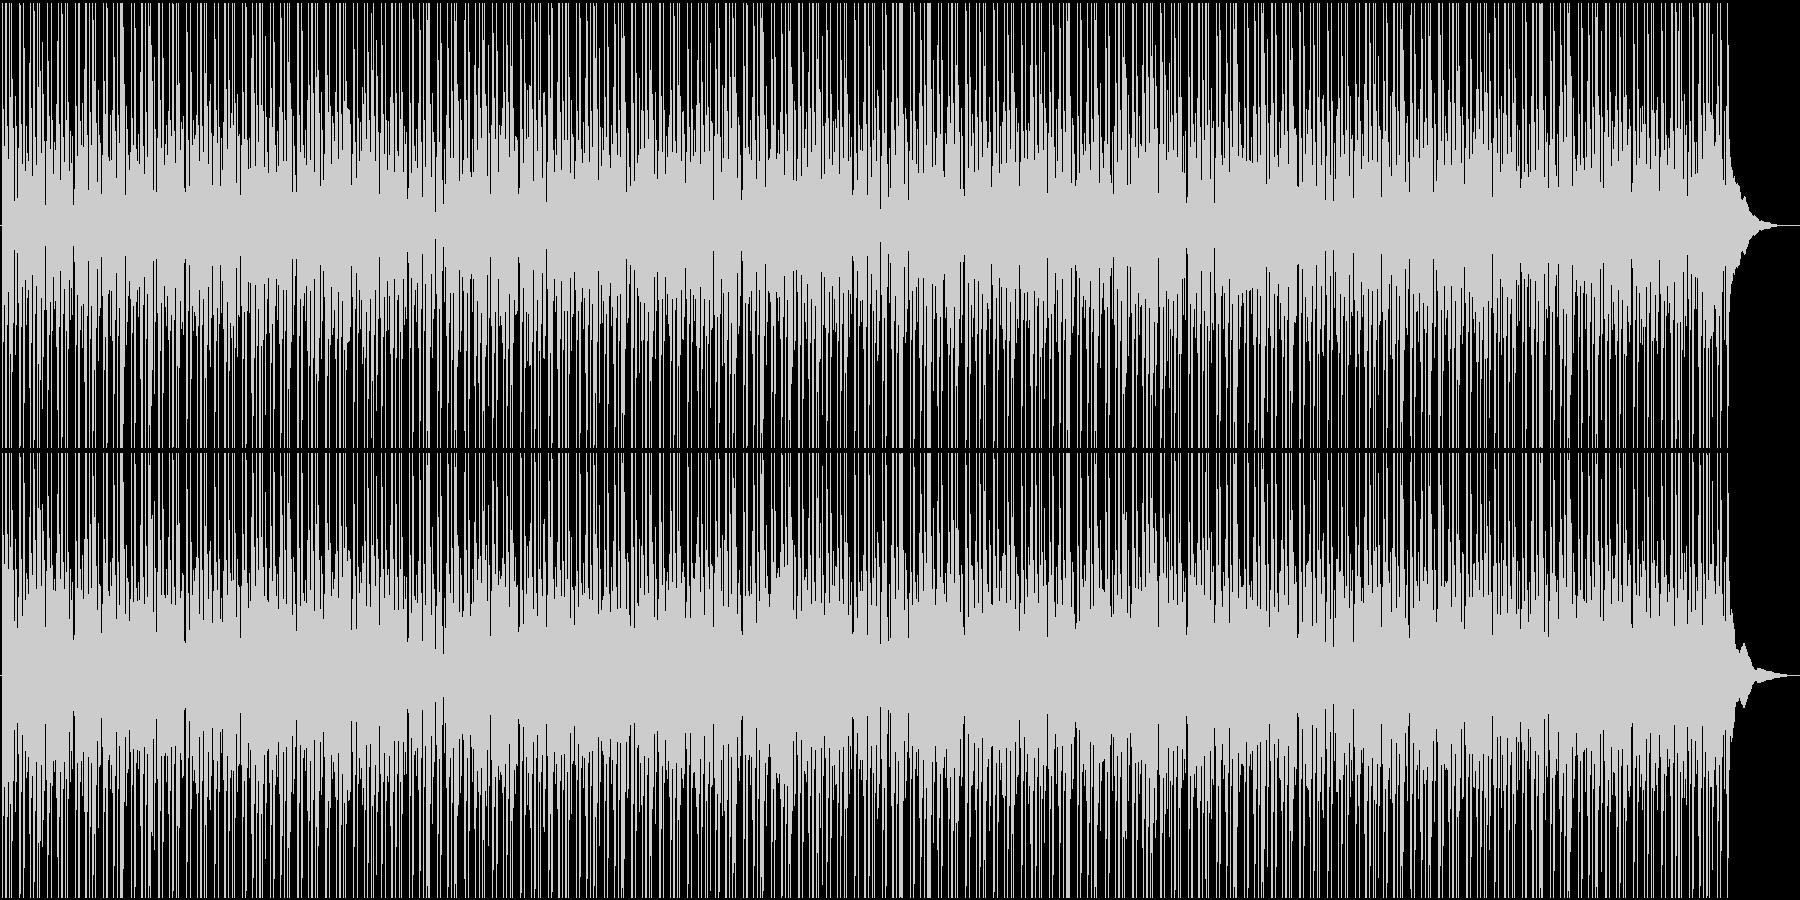 秋・おしゃれで軽快なチルローファイの未再生の波形